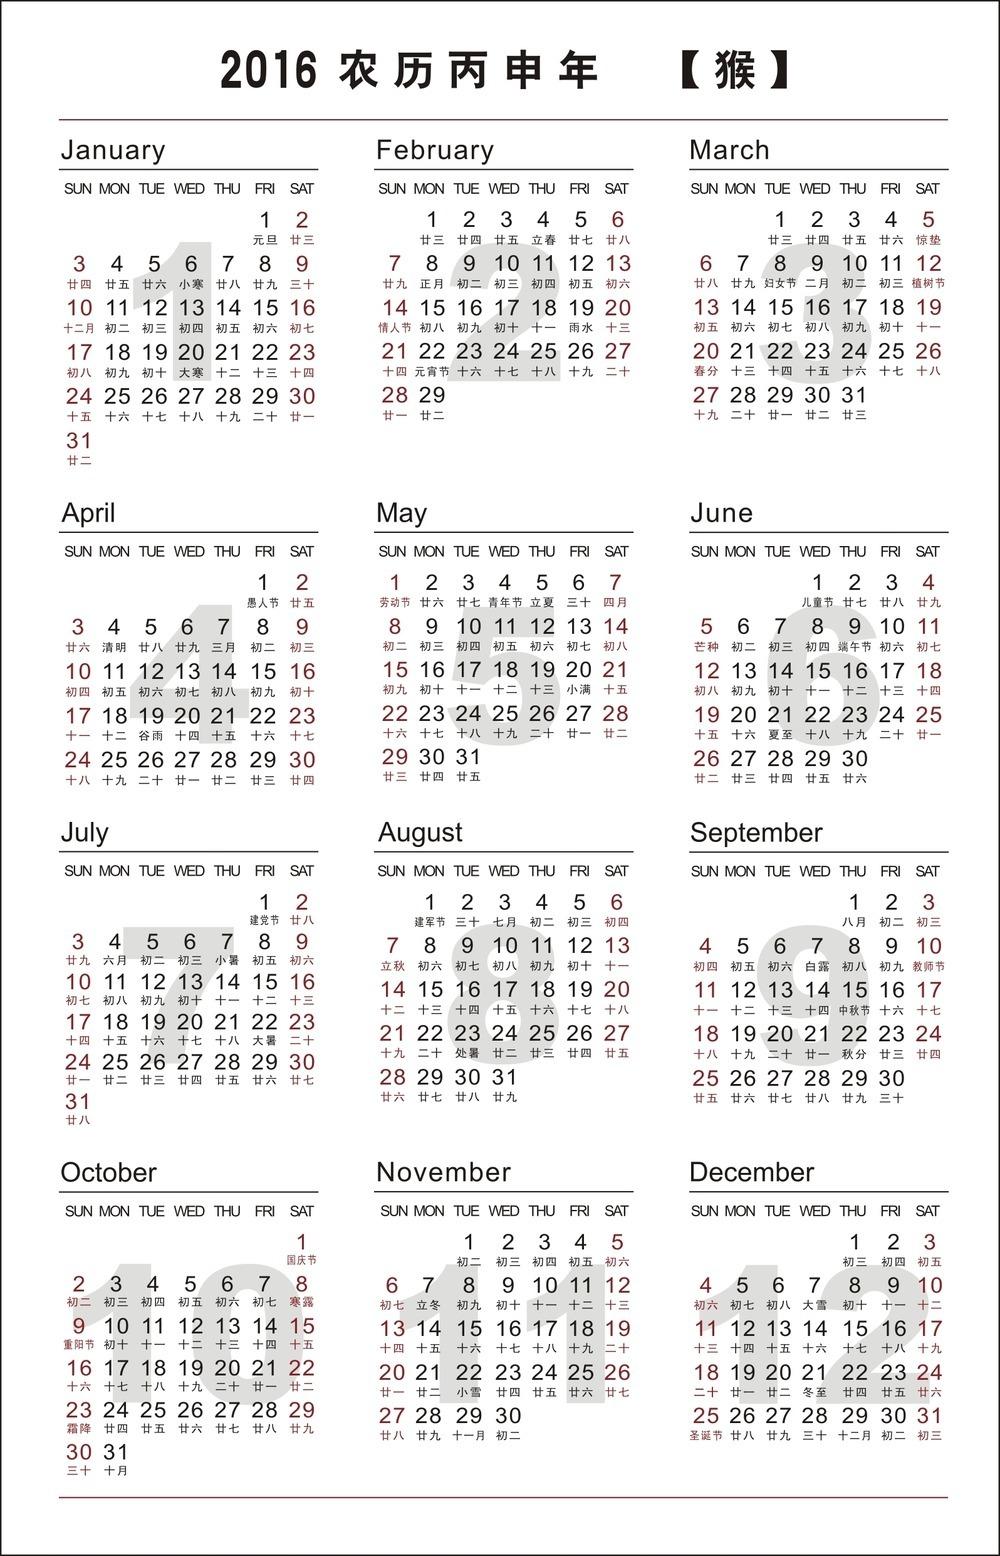 2016年日历条图片图片